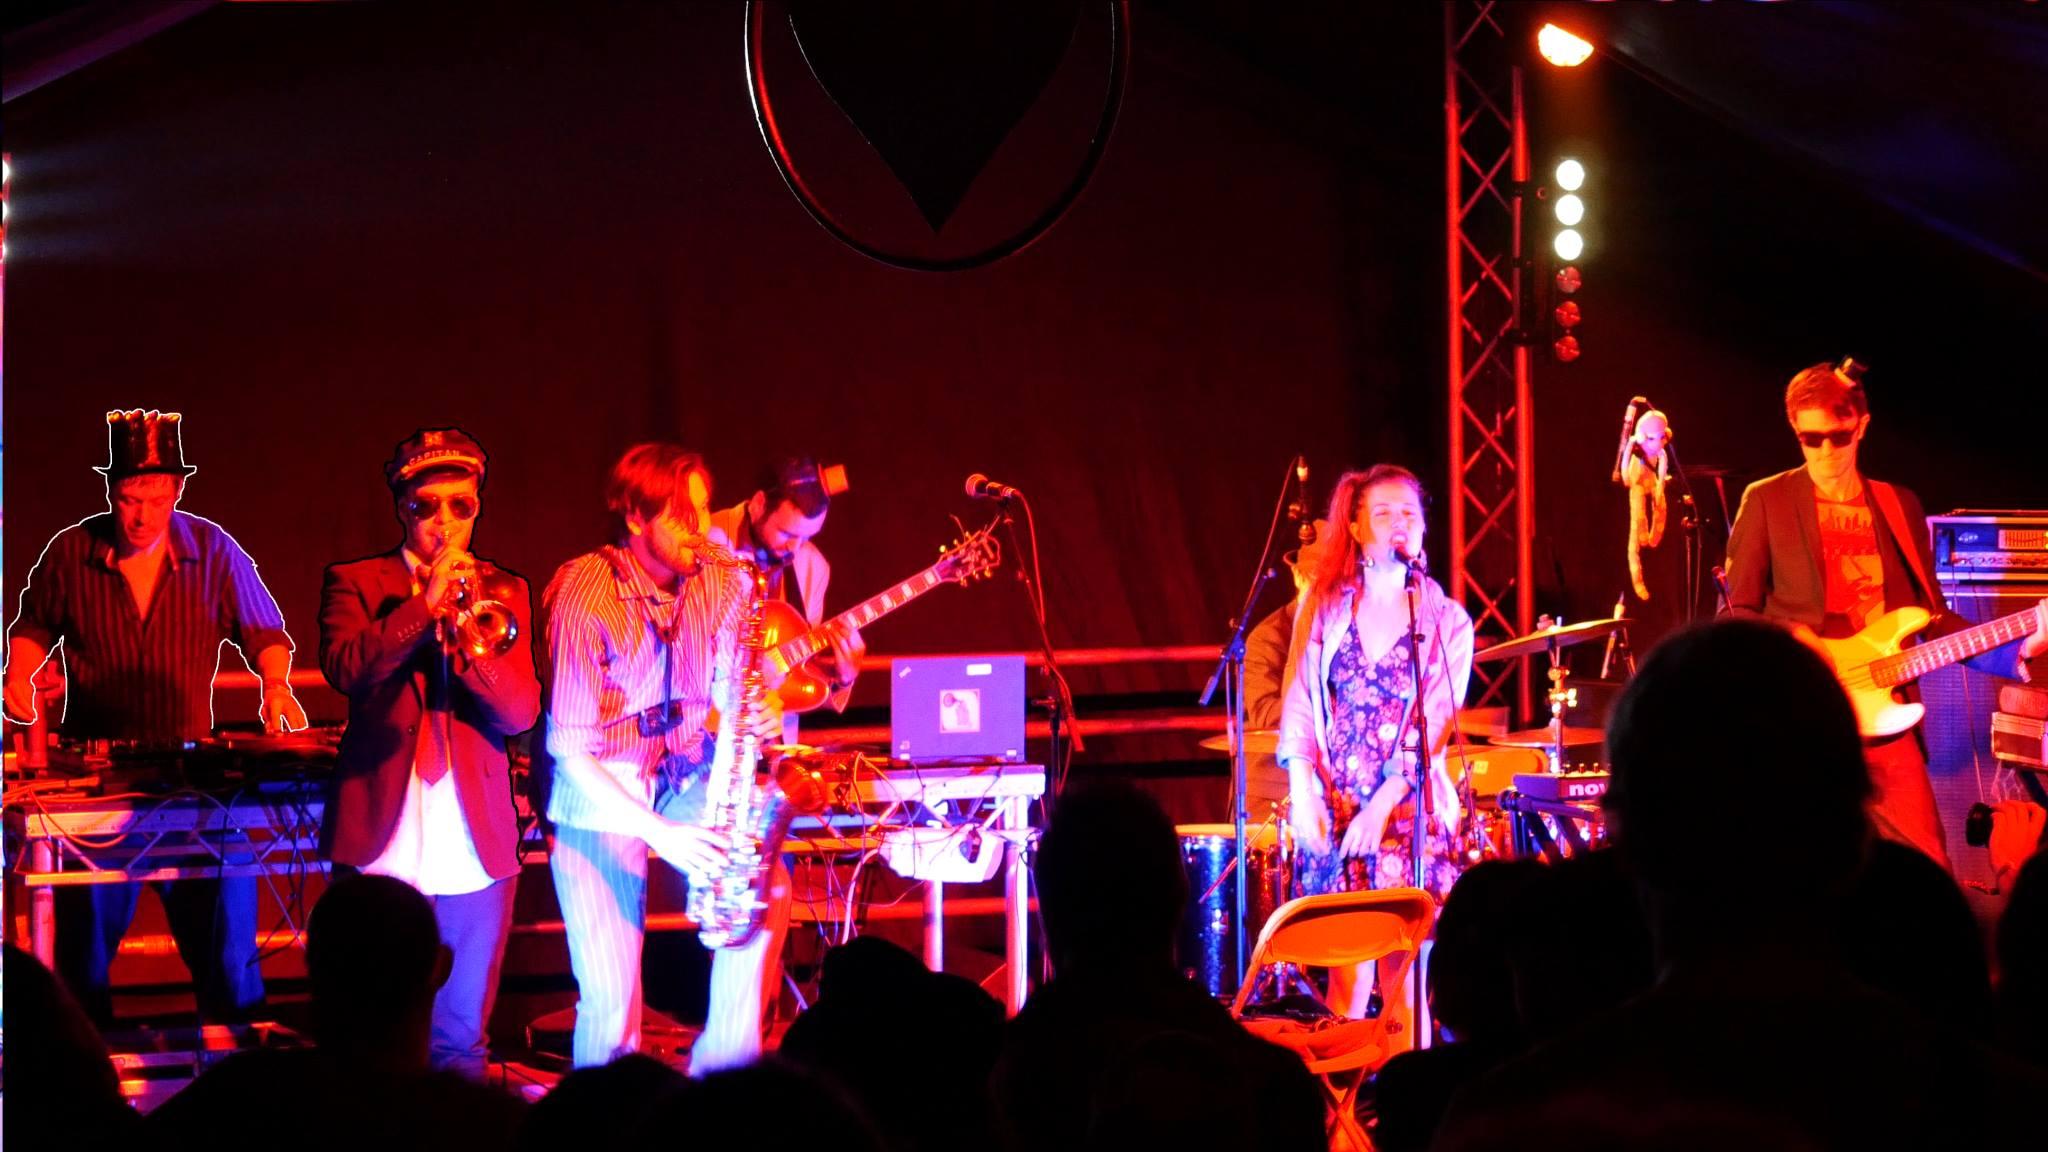 Electro swing band